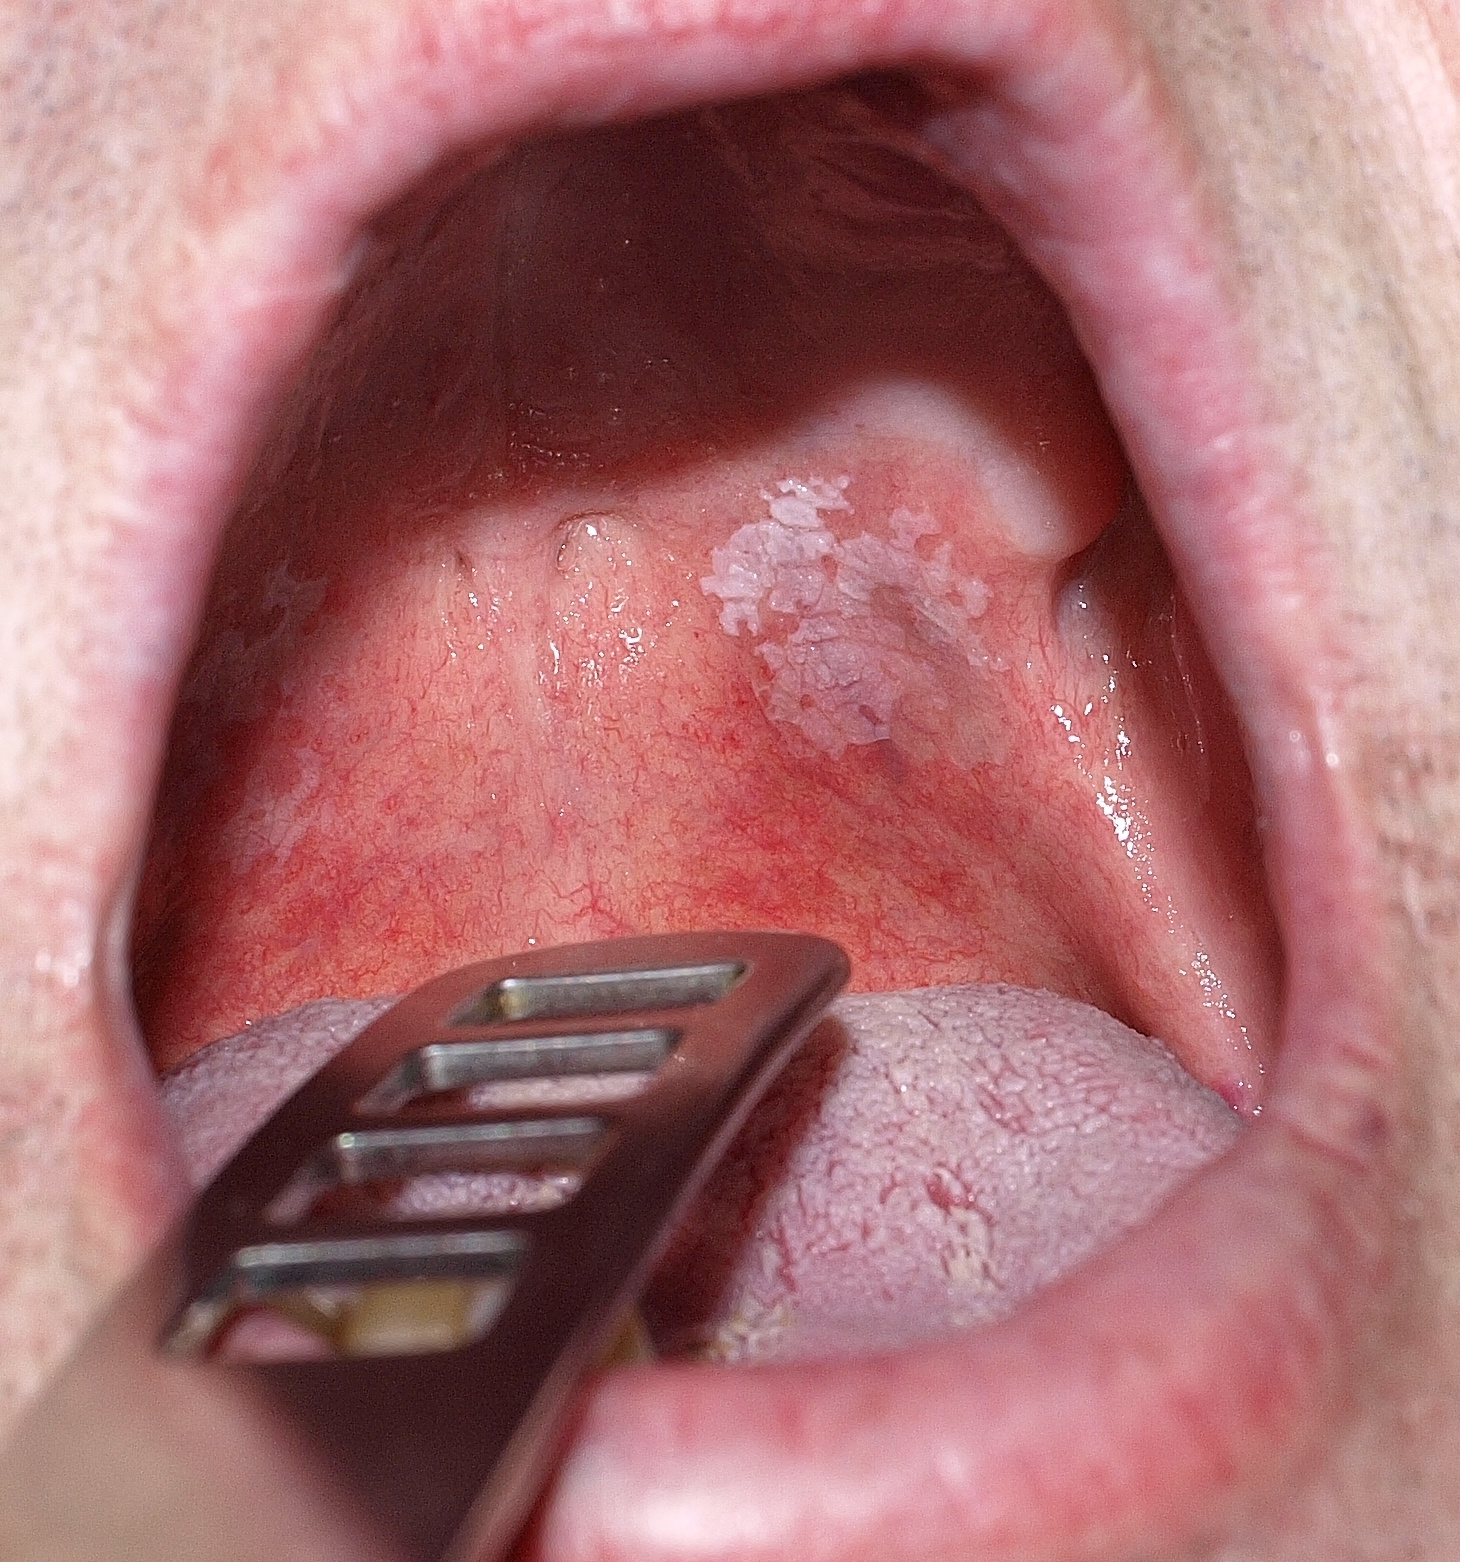 Belső szemölcs a szájban (jelige: csillag)